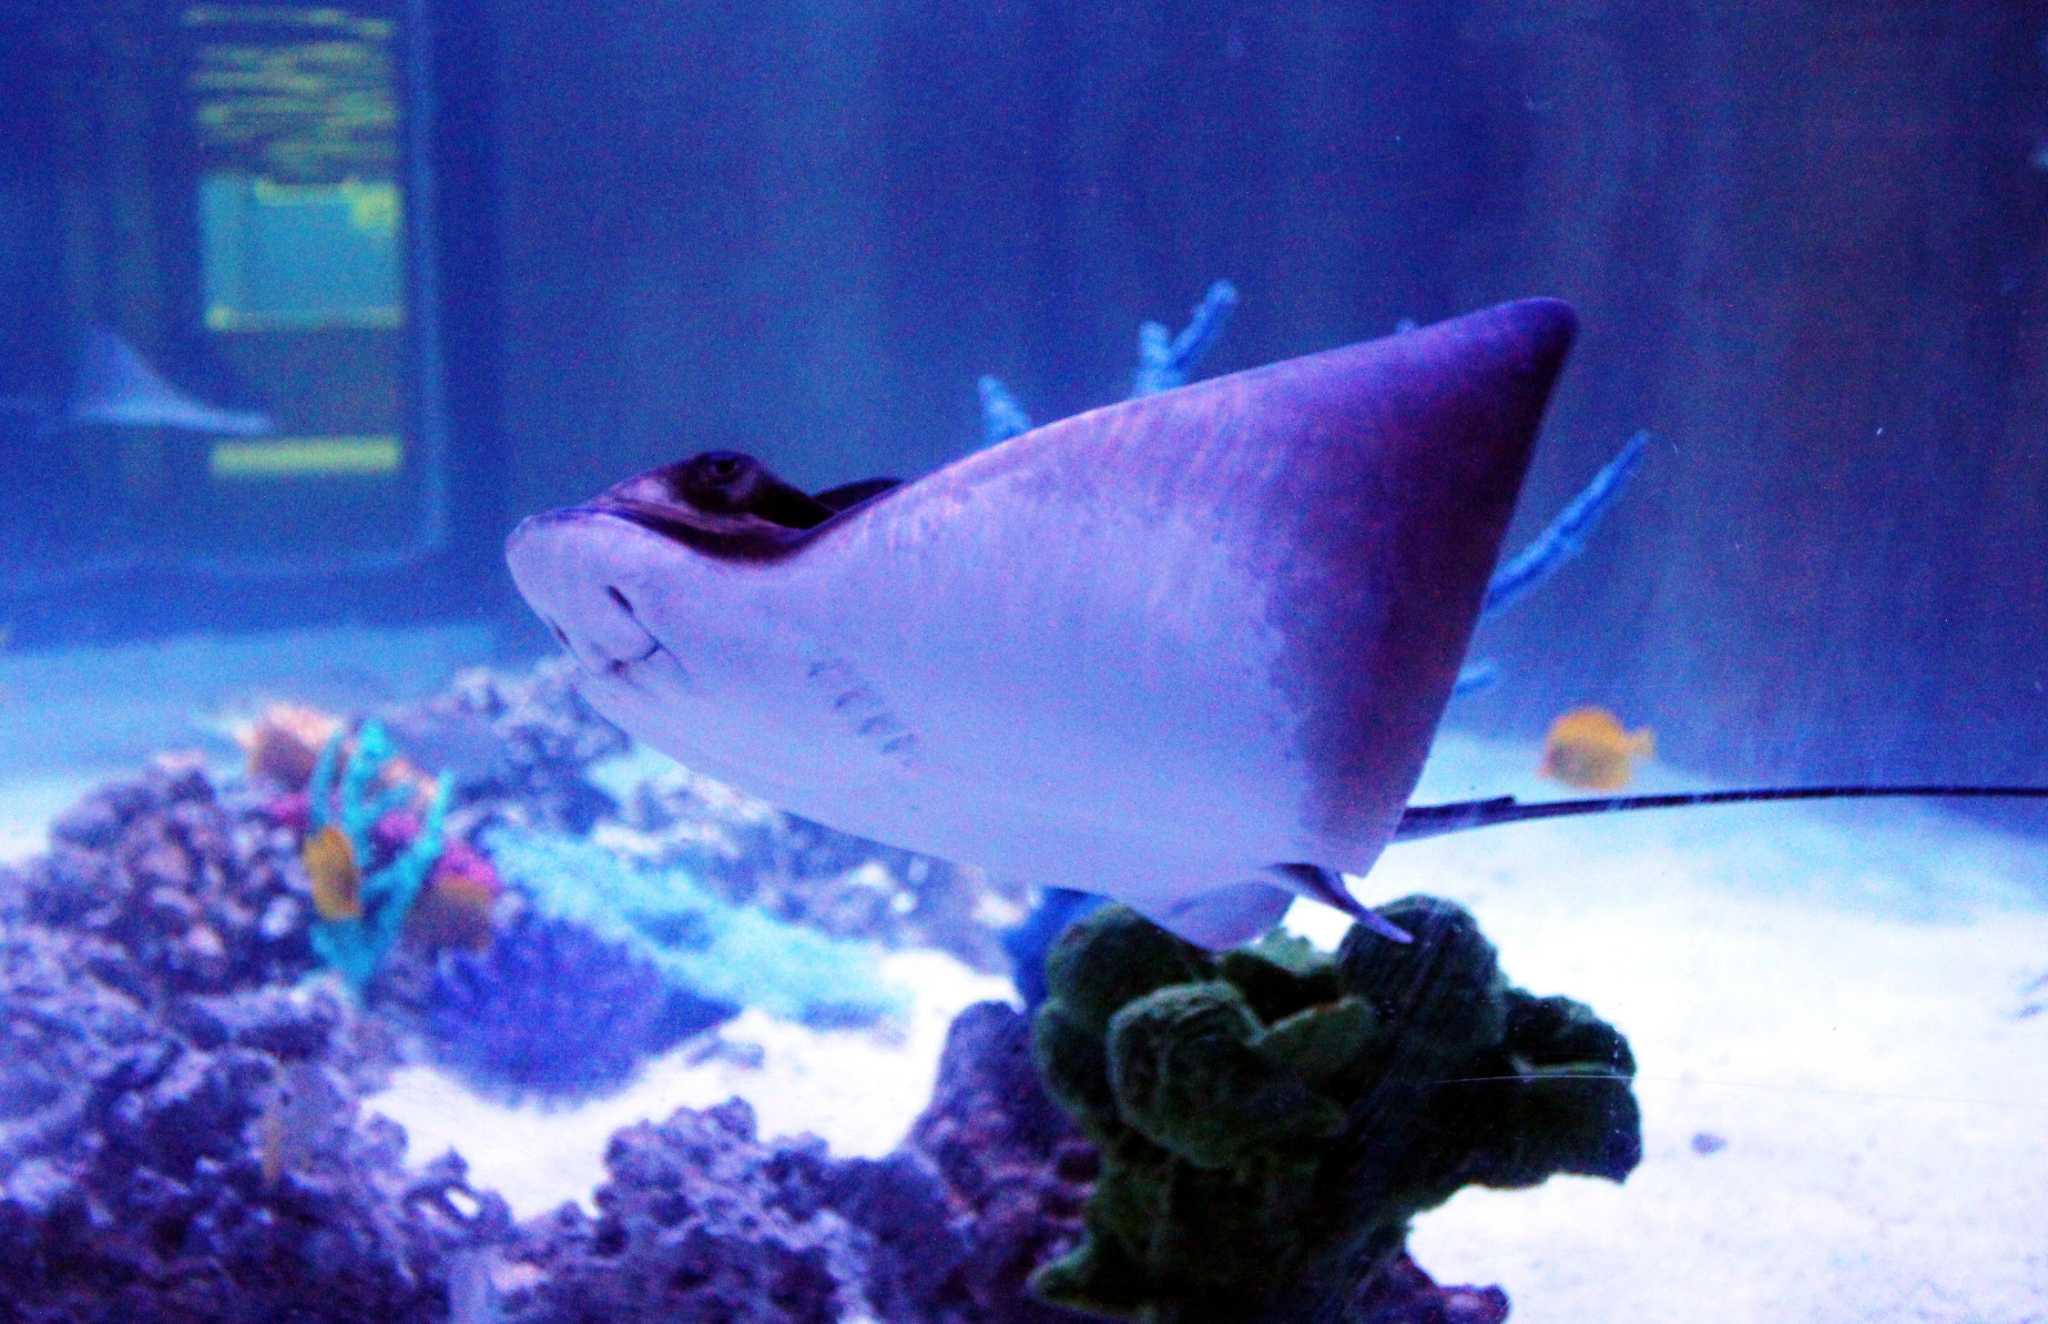 san antonio aquarium, 6320 bandera rd, leon valley, tx 78238